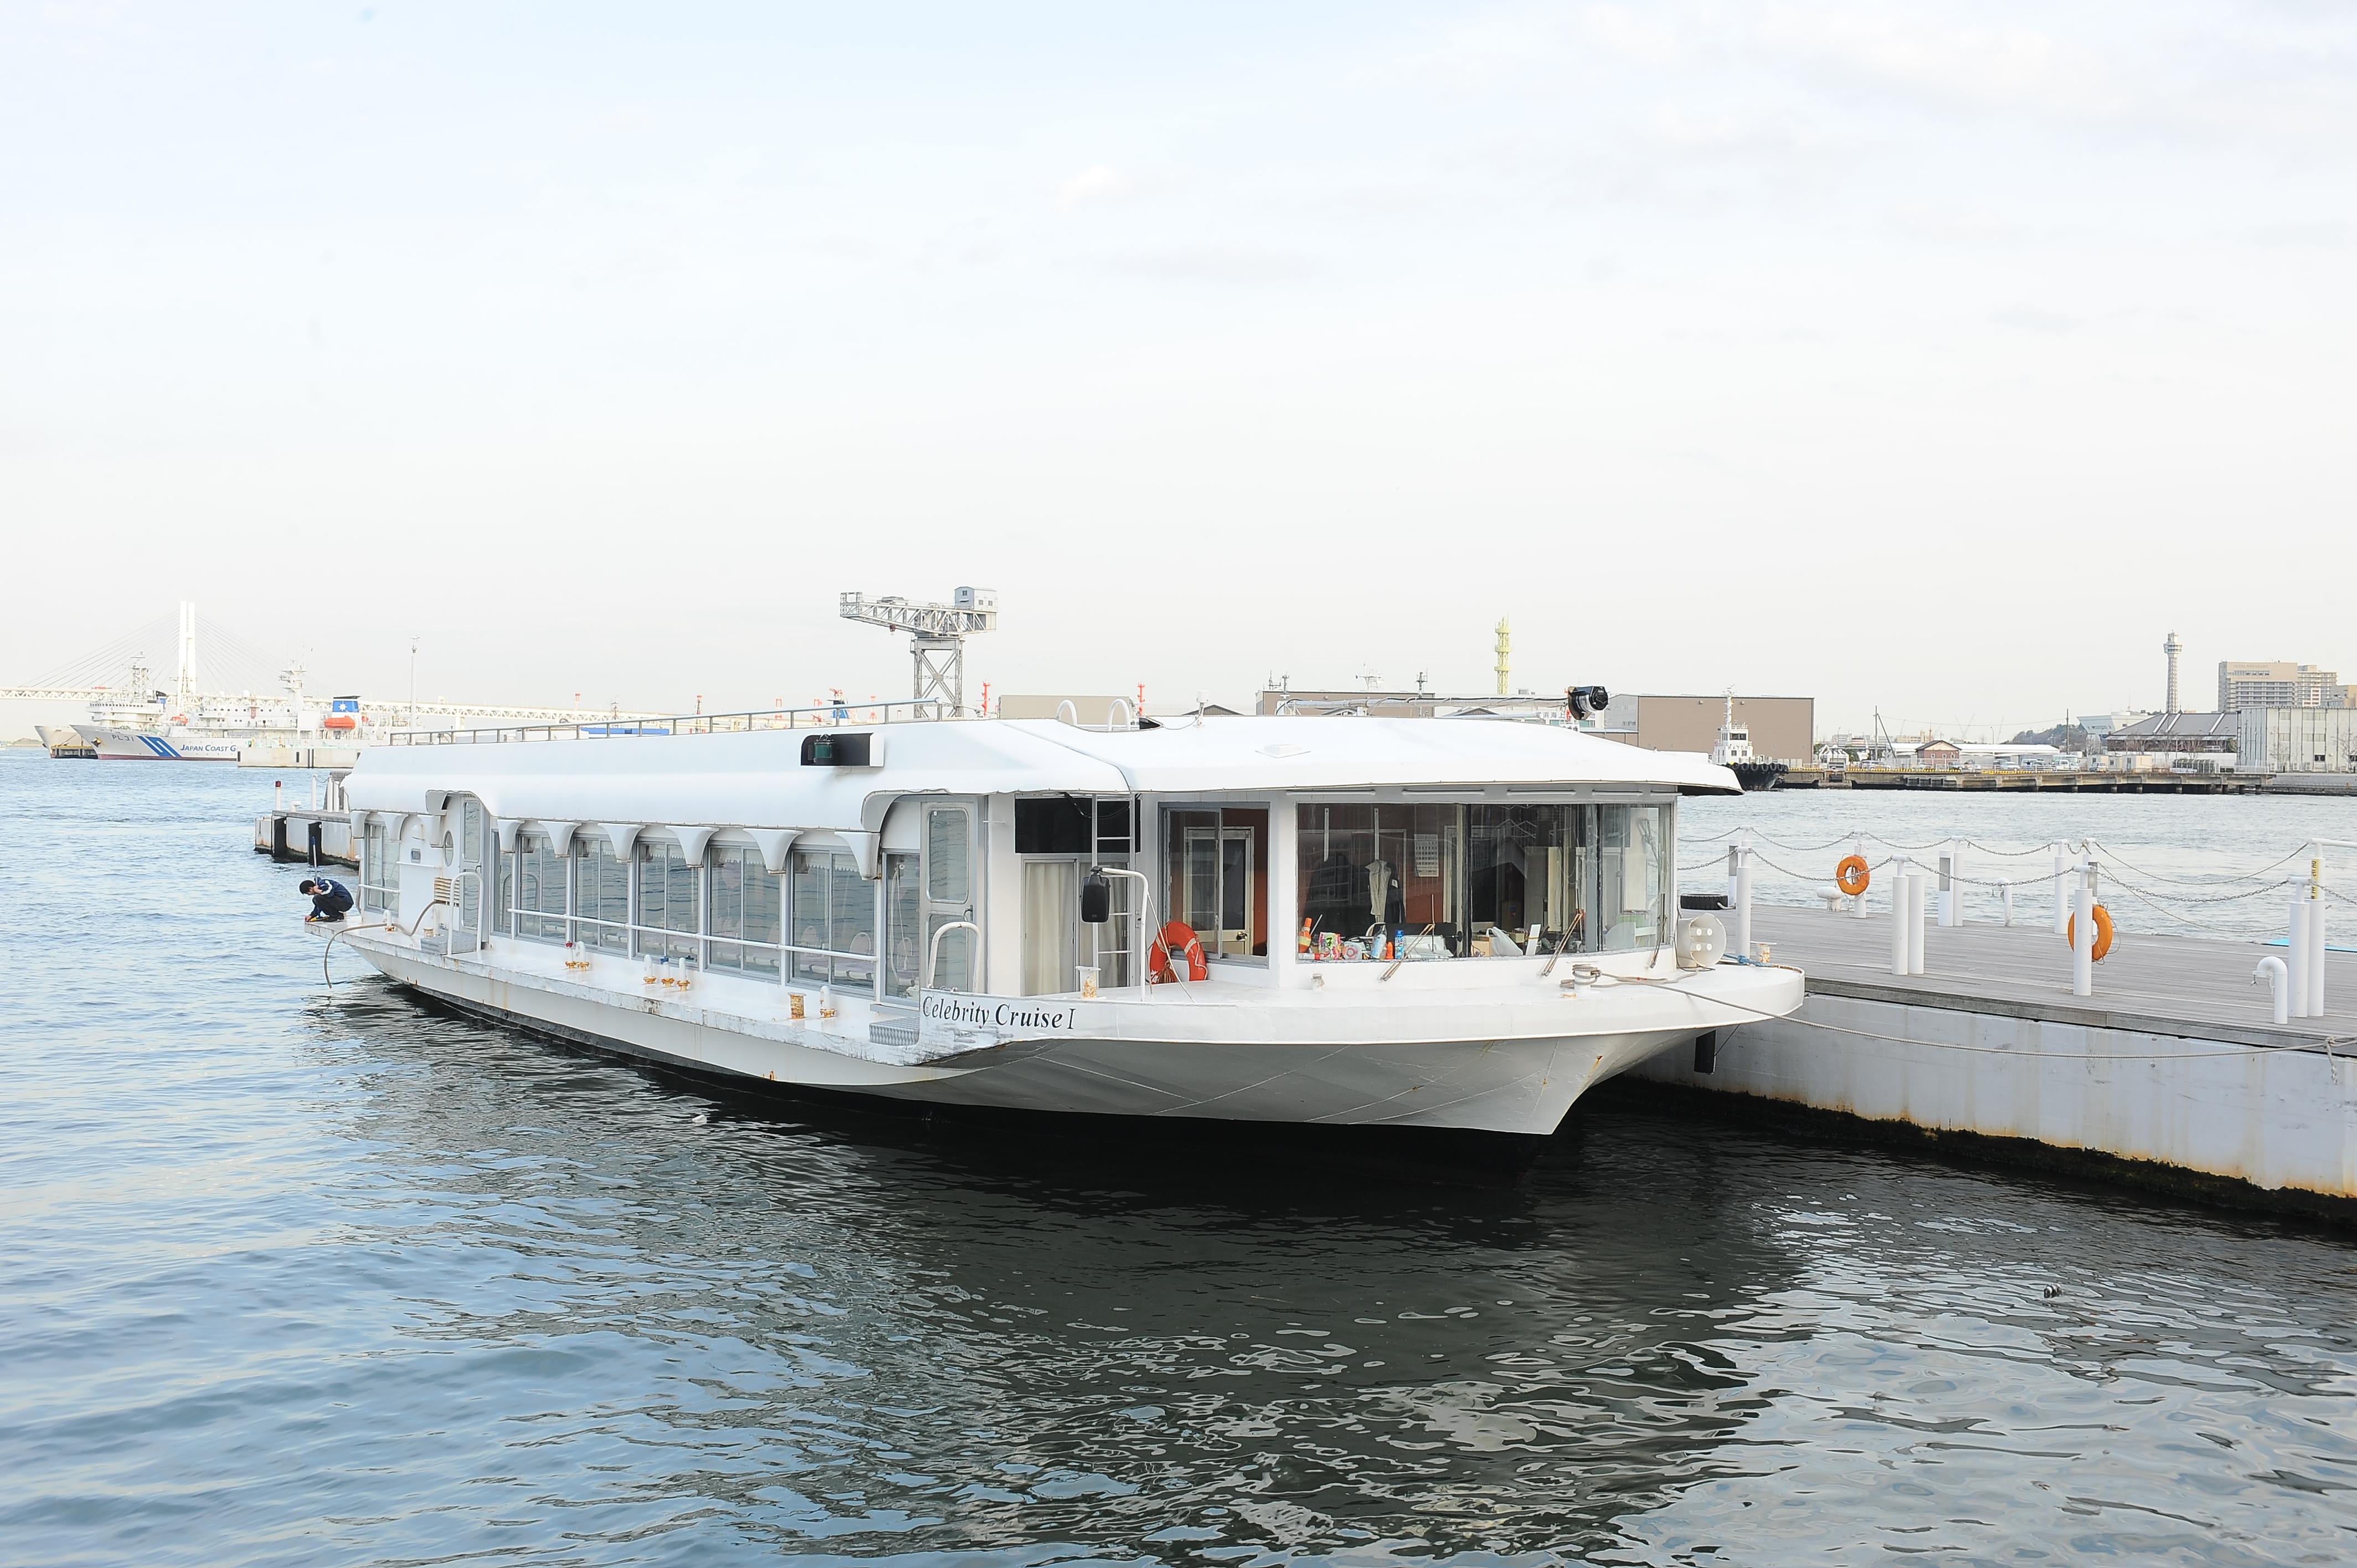 アニバーサリークルーズの豪華な船